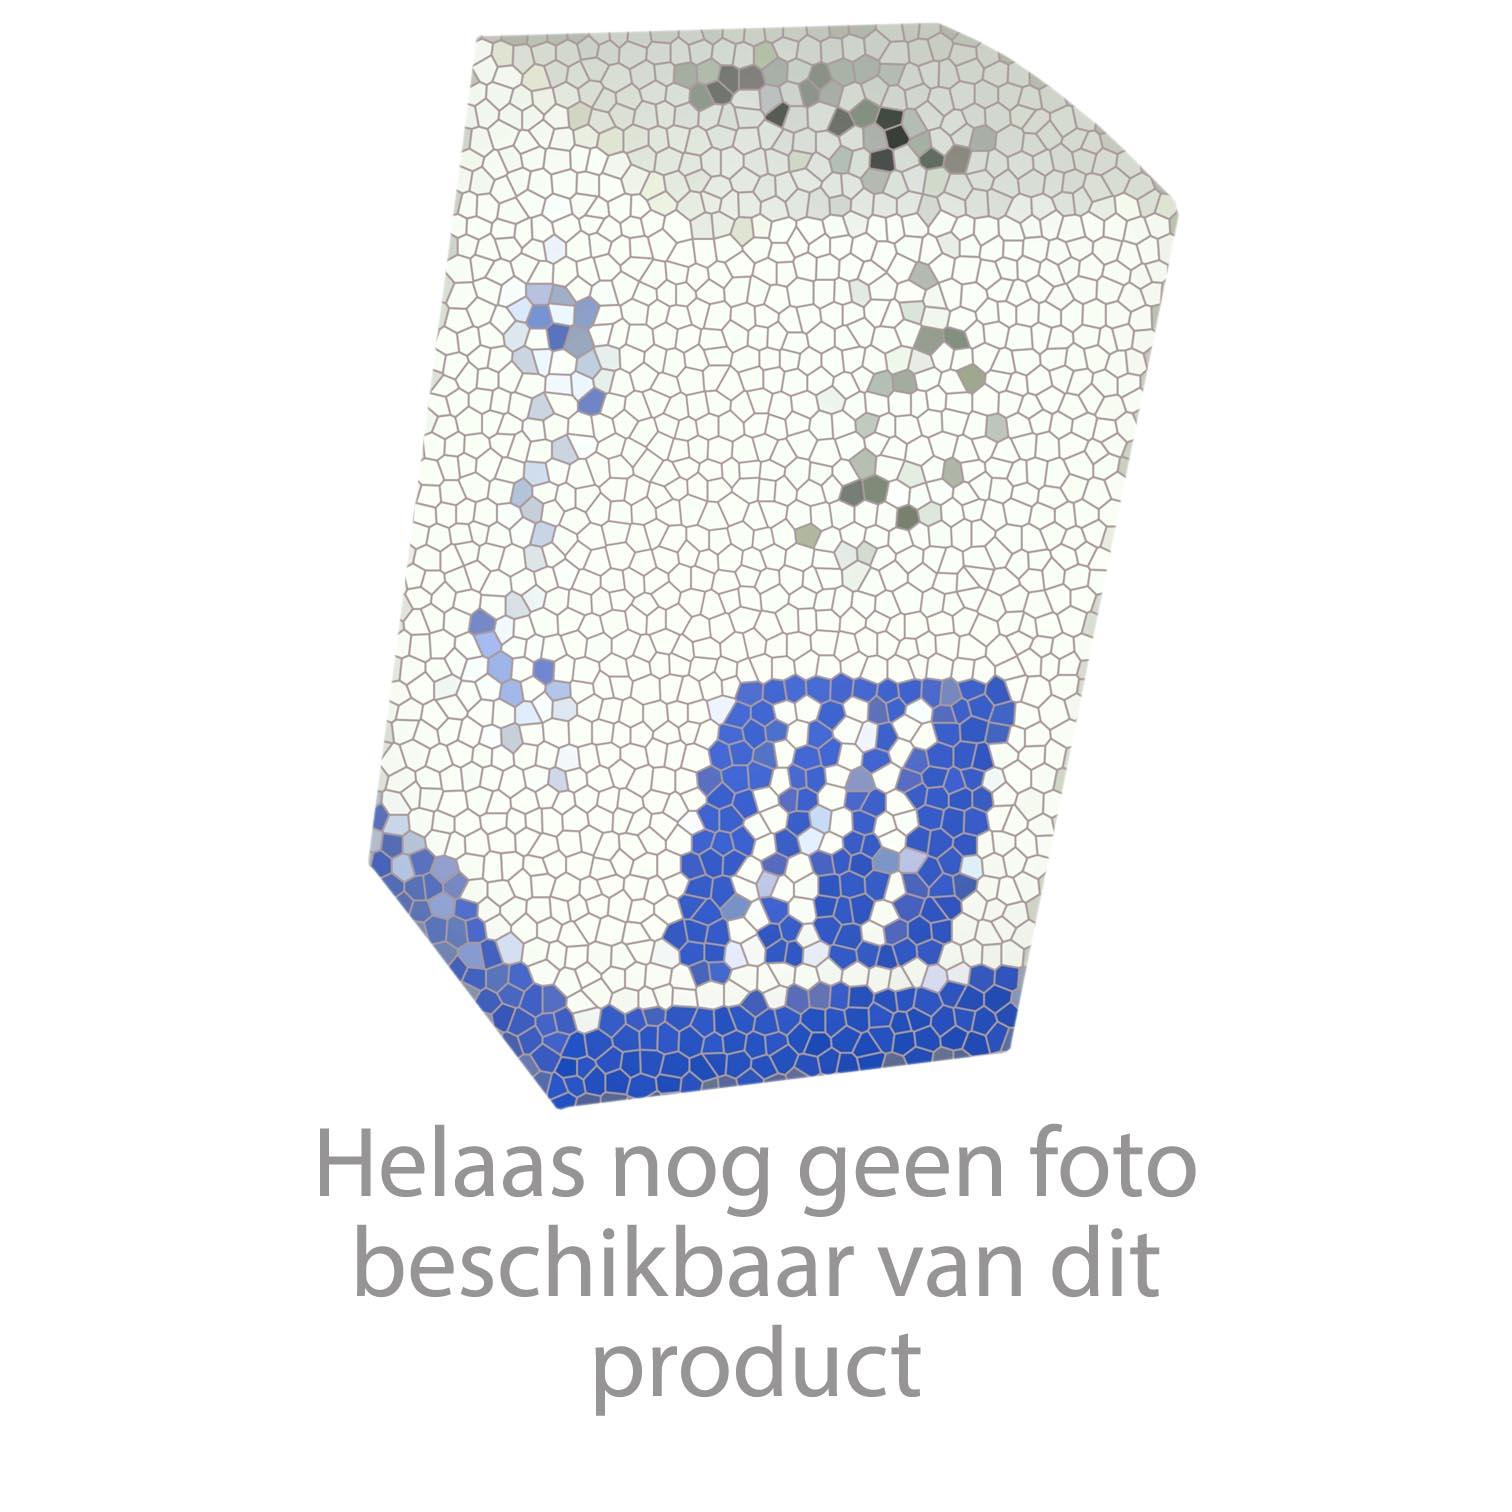 Doeco roestvrijstaal reiniger - 3M. Verwijdert vuil, vet en vingerafdrukken streeploos en laat een beschermende laag achter